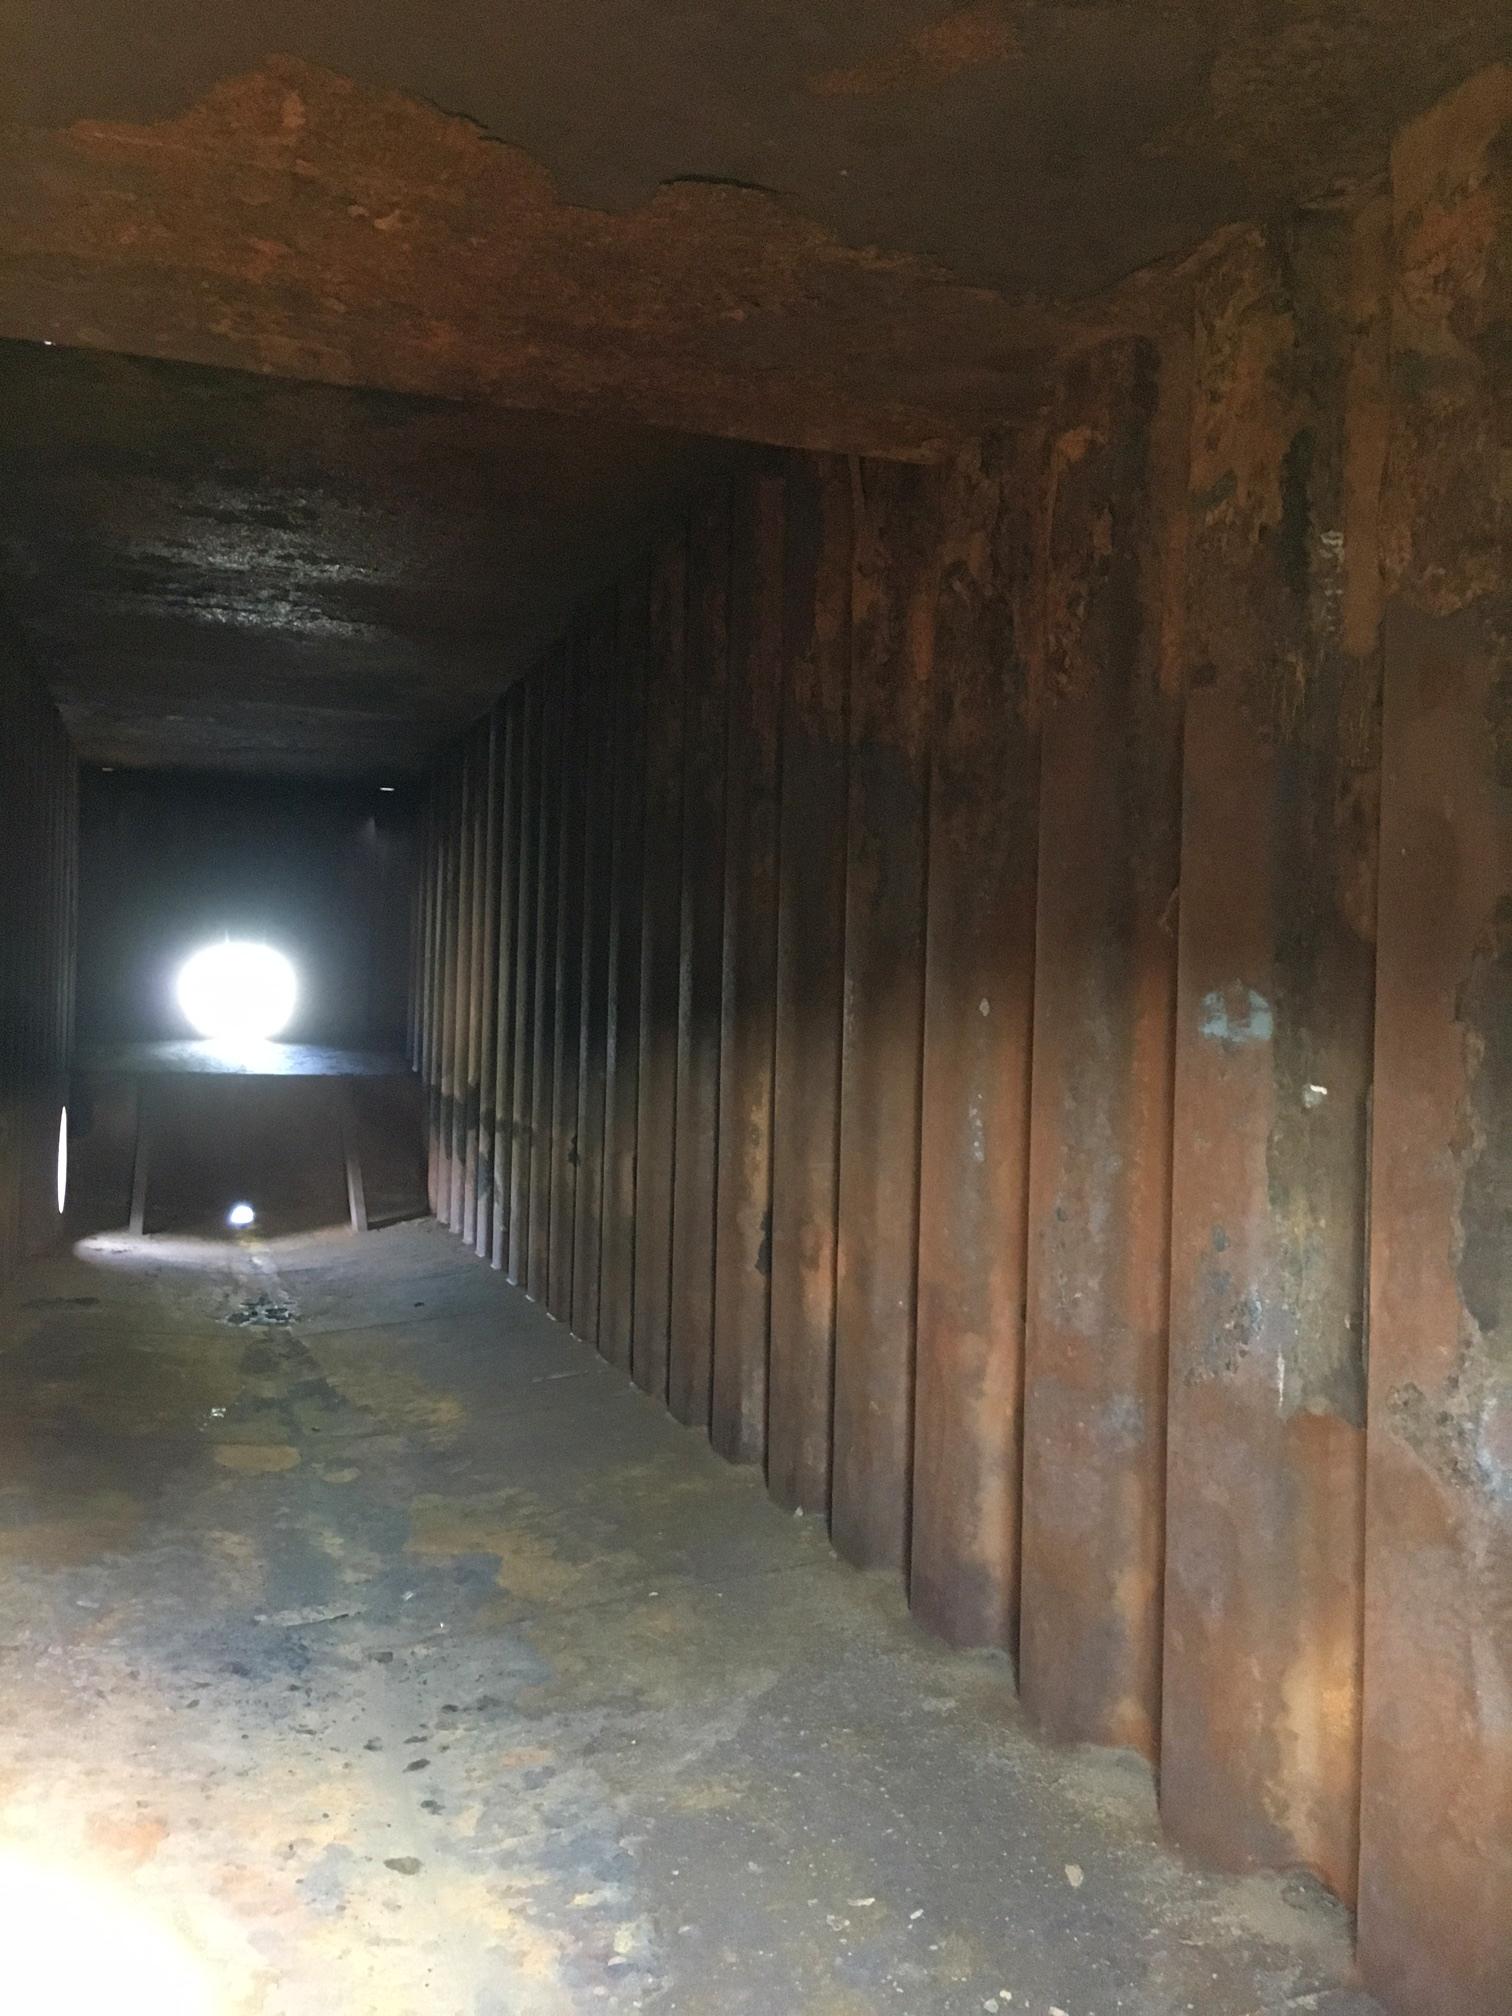 Frac tank inside